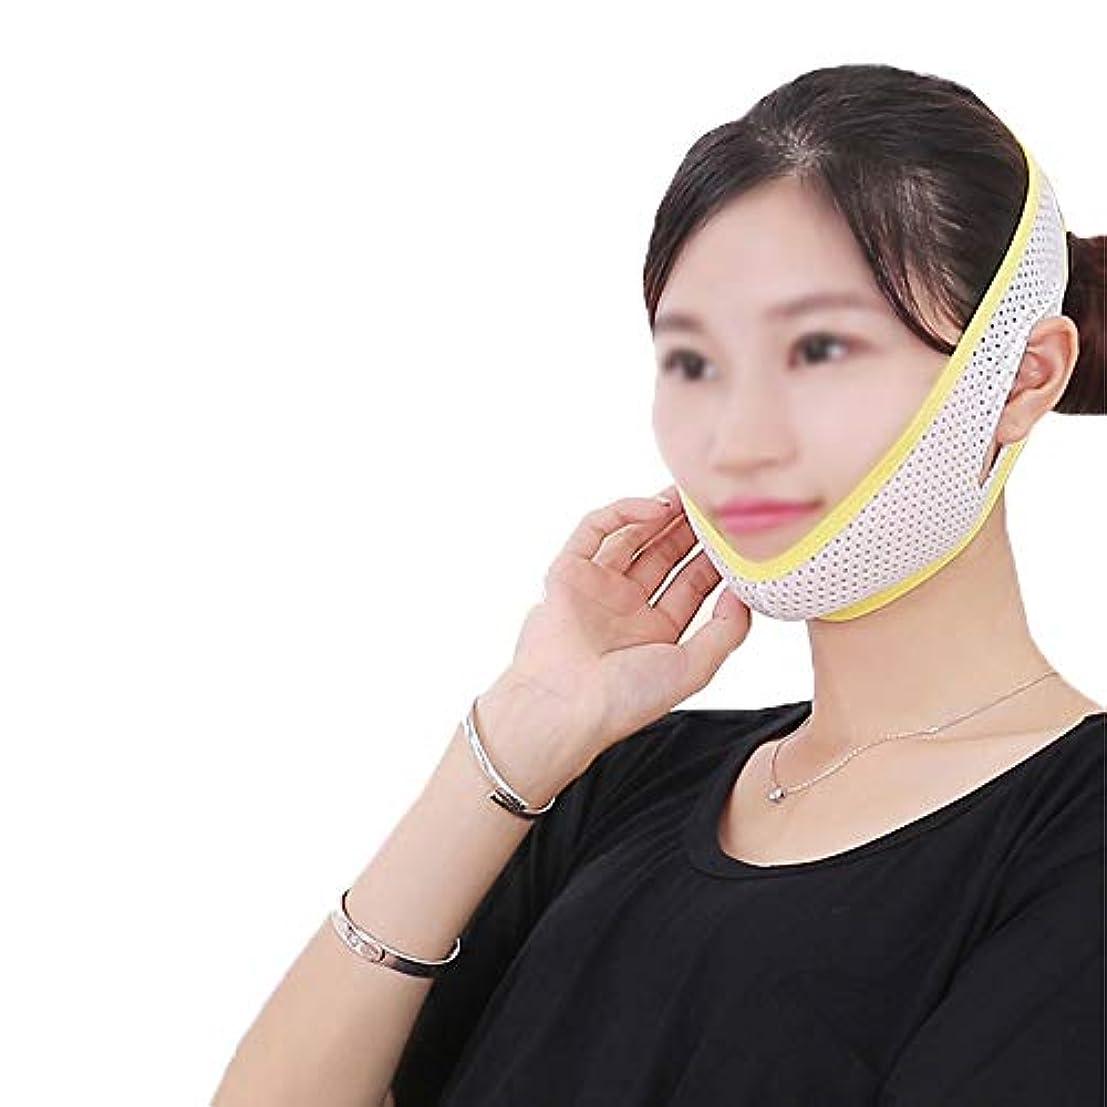 揃える紛争筋肉のXHLMRMJ 顔と首のリフト、フェイスリフトマスク強力なフェイスリフティングツール引き締めとリフティングスキニーフェイスマスクアーチファクトフェイスリフティング包帯フェイスリフティングデバイス (Size : M)